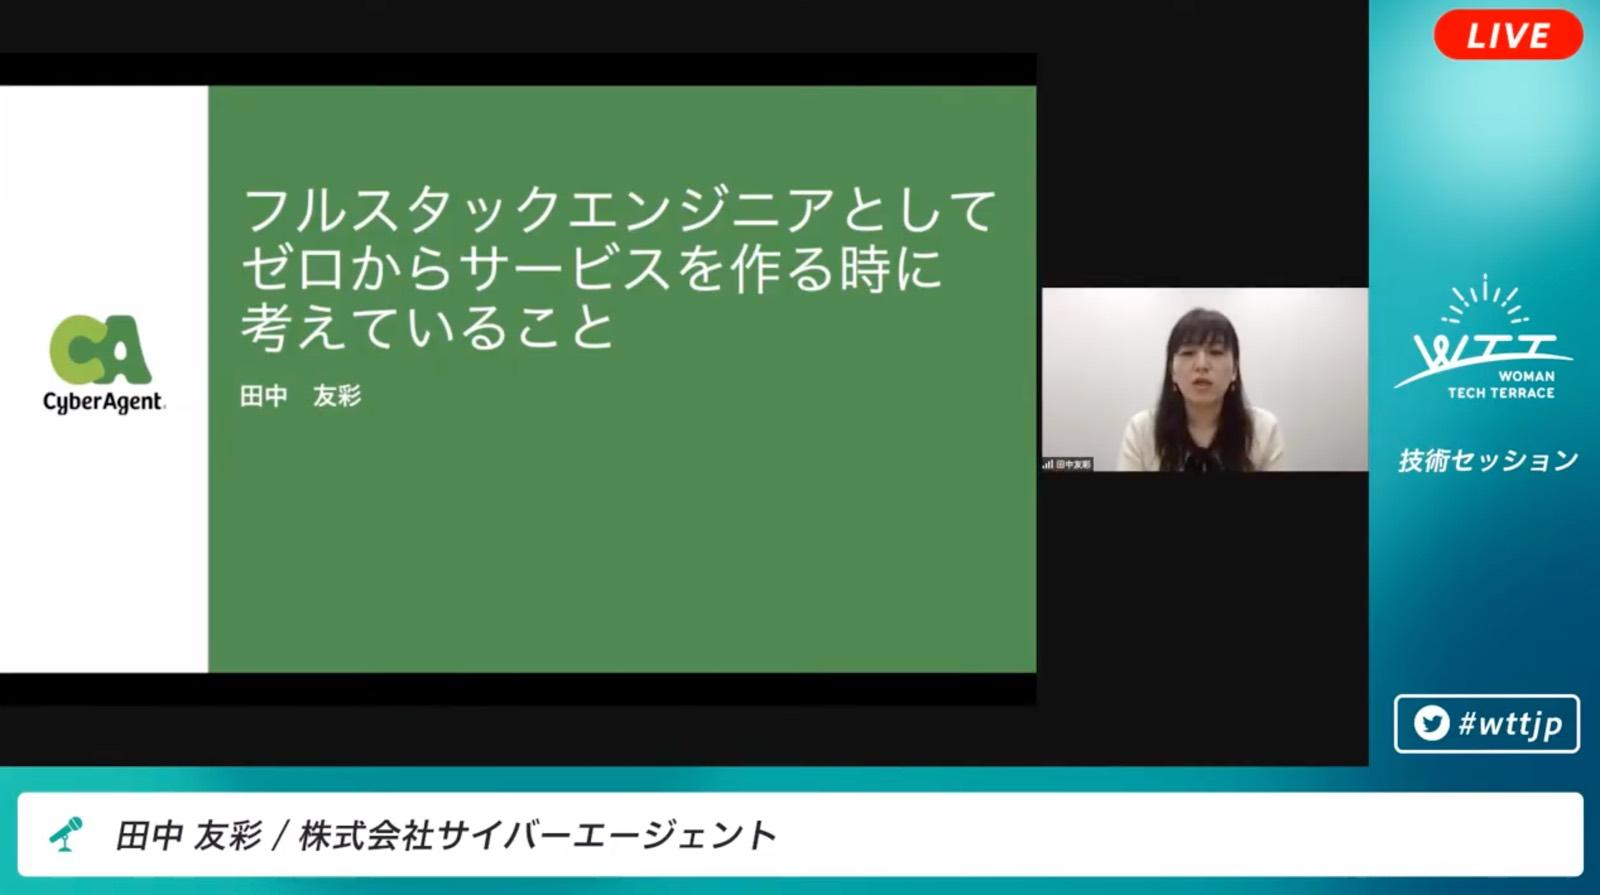 田中友彩さんのセッションキャプチャ画像